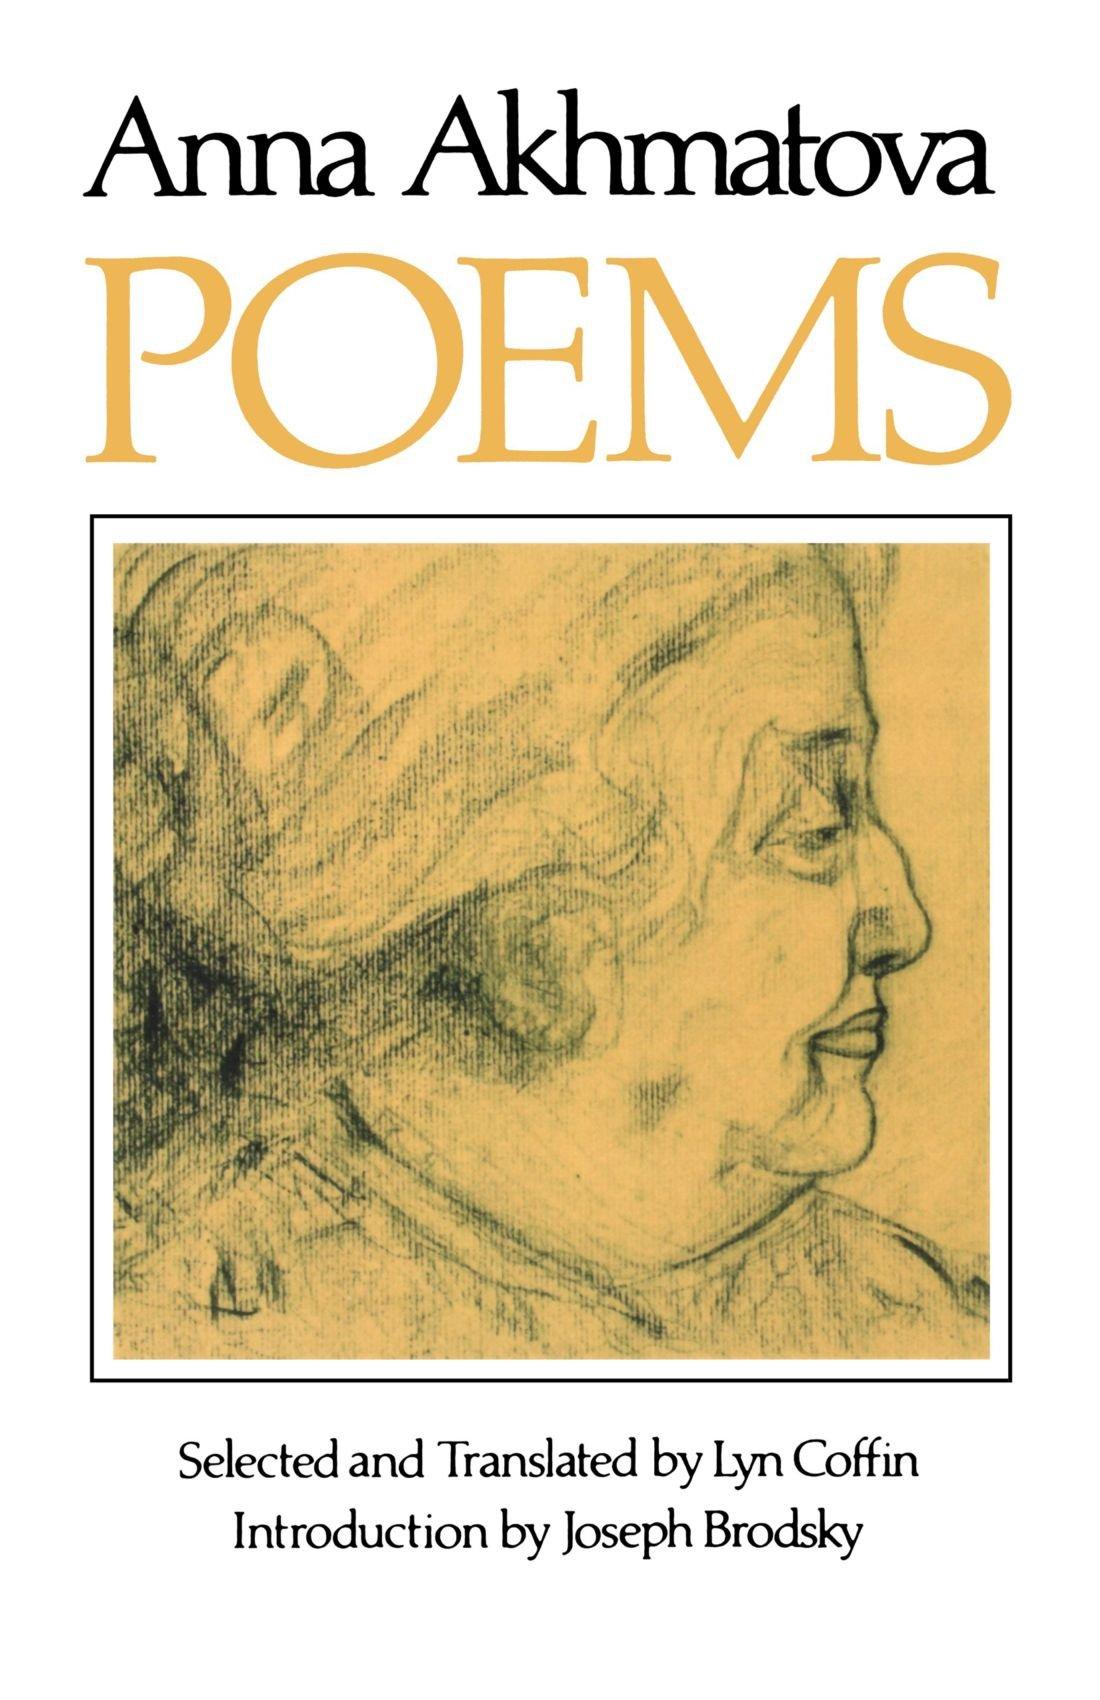 Anna Akhmatova: Poems